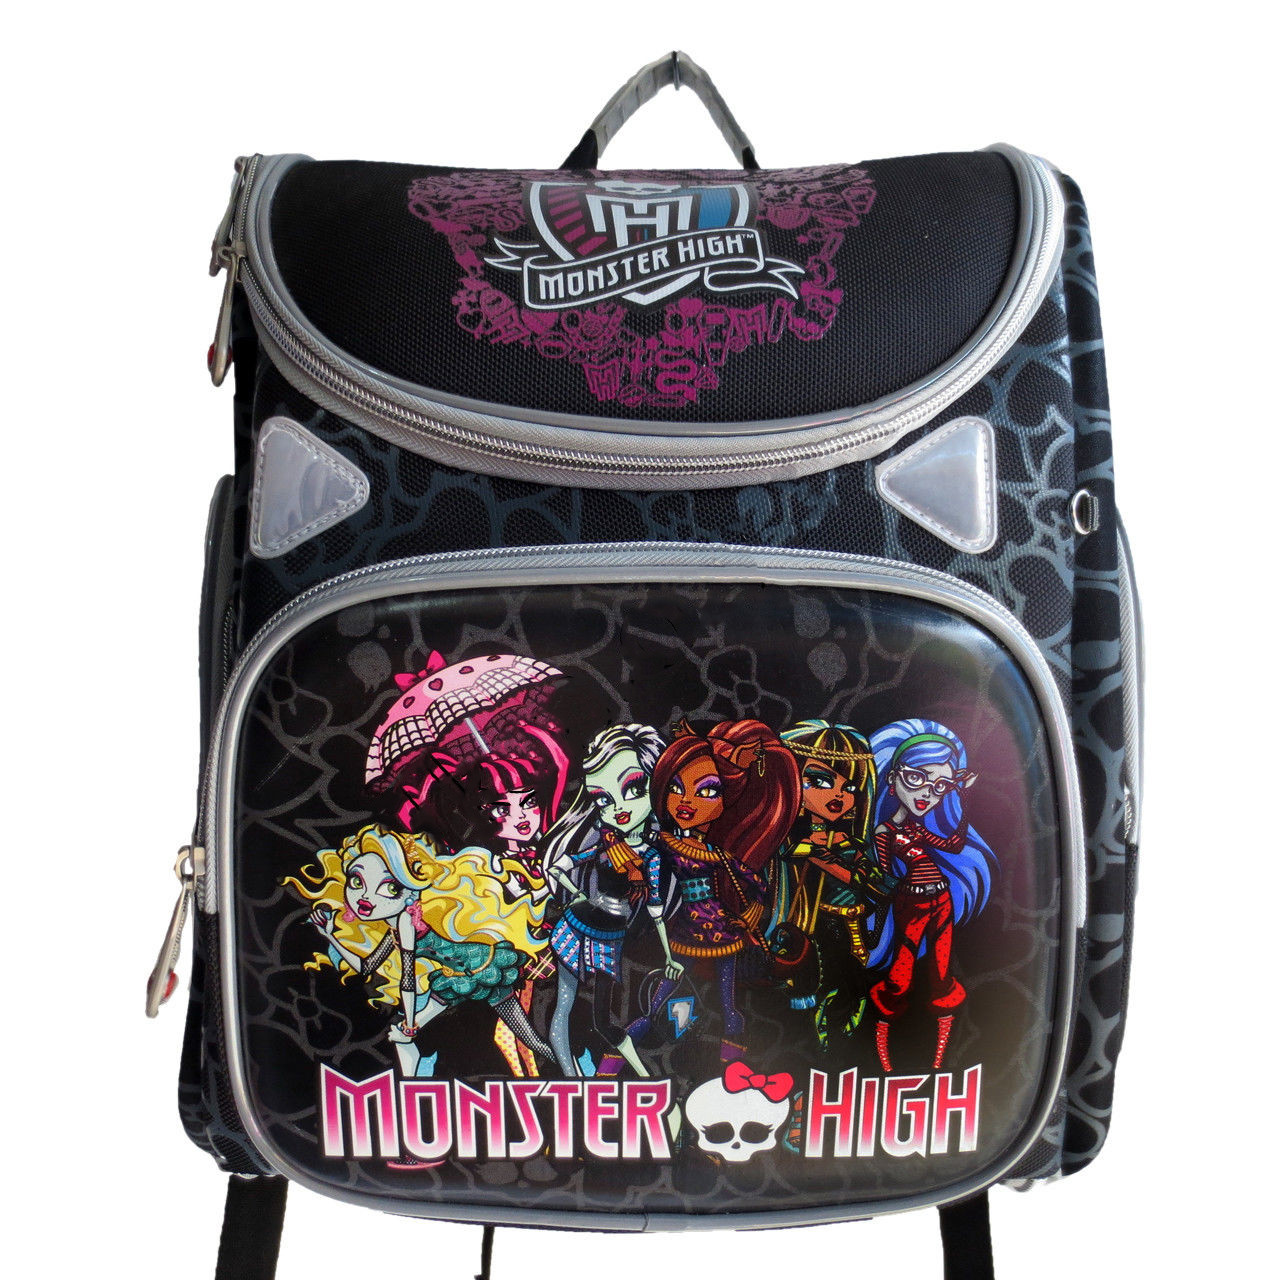 474b001d4dce Яркий рюкзак для девочек. Школьный ранец. Ортопедический рюкзак. Хорошее  качество. Купить онлайн. Код: КДН544